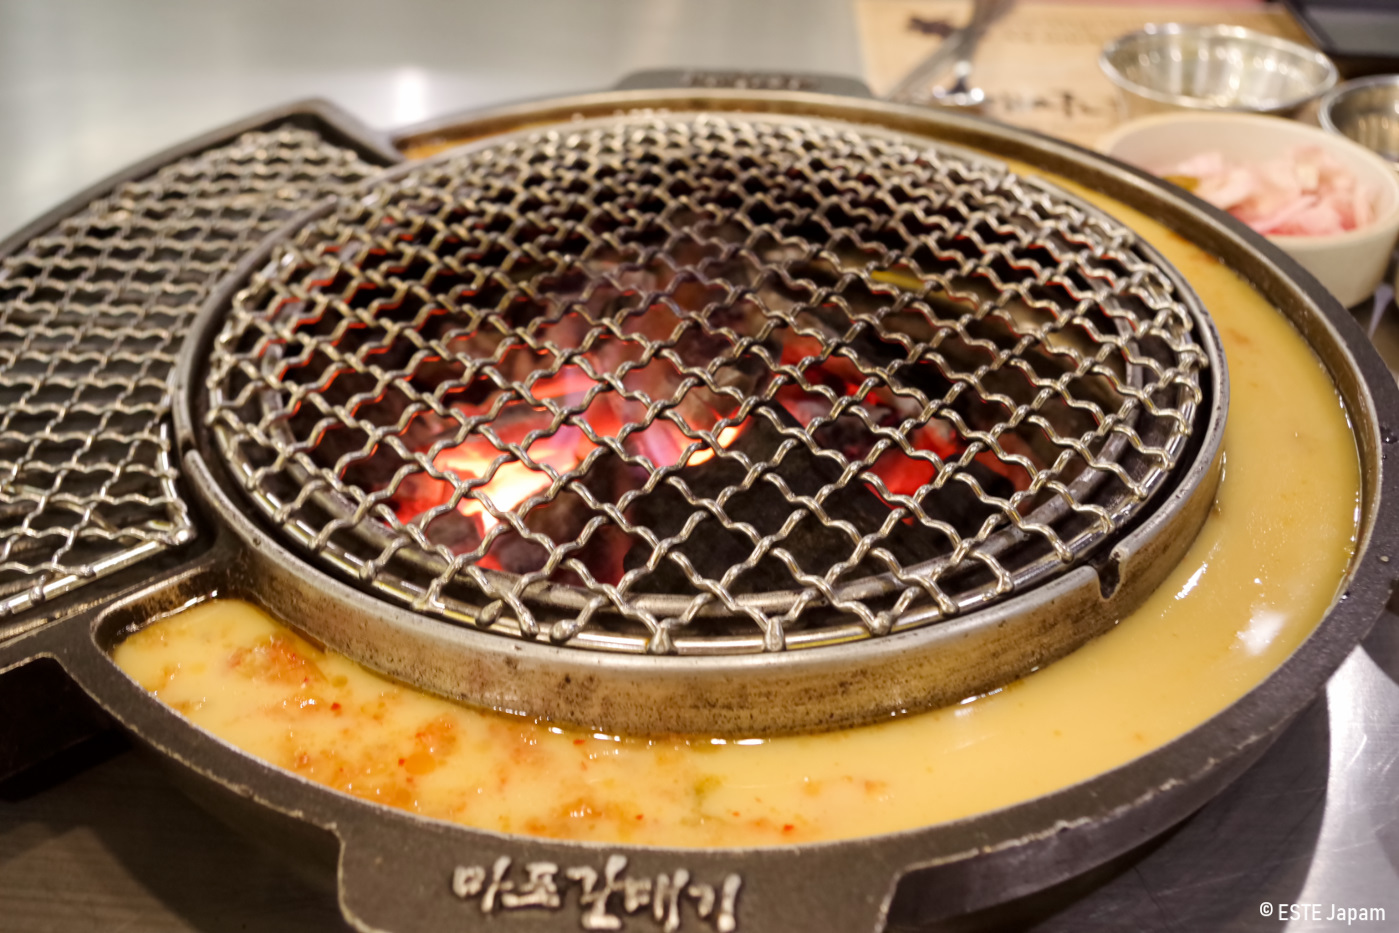 マガルの焼き鉢に卵を流した状態